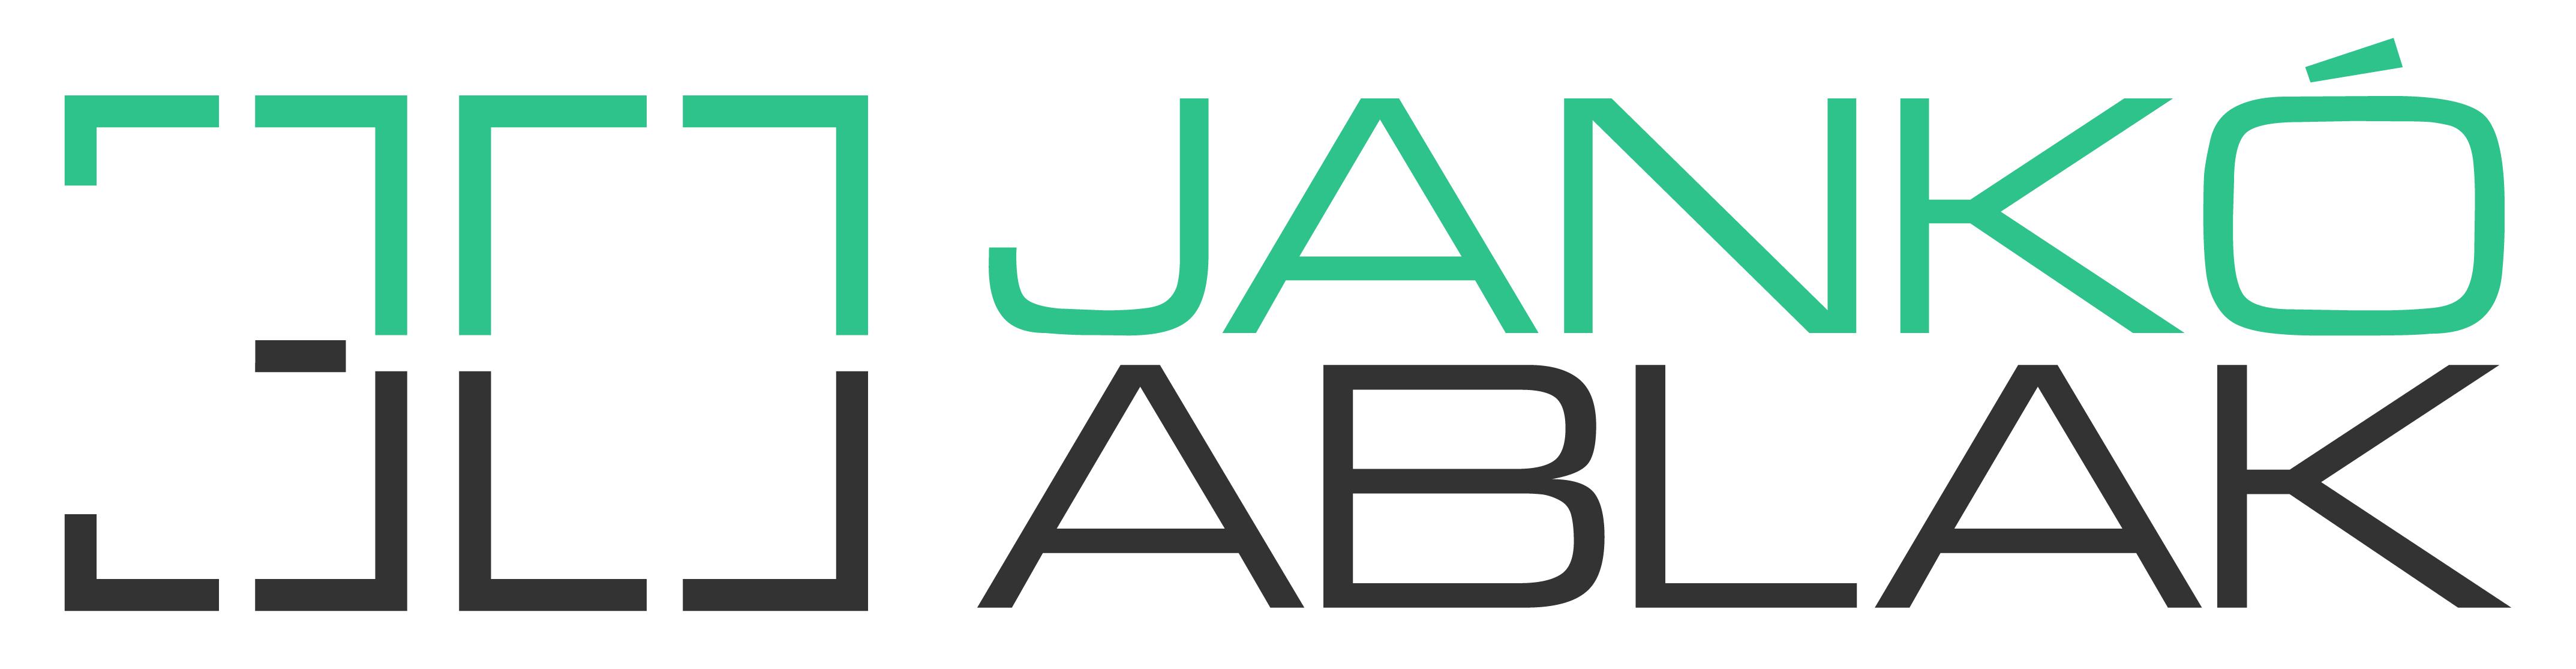 janko ablak_logo hir (4).jpg